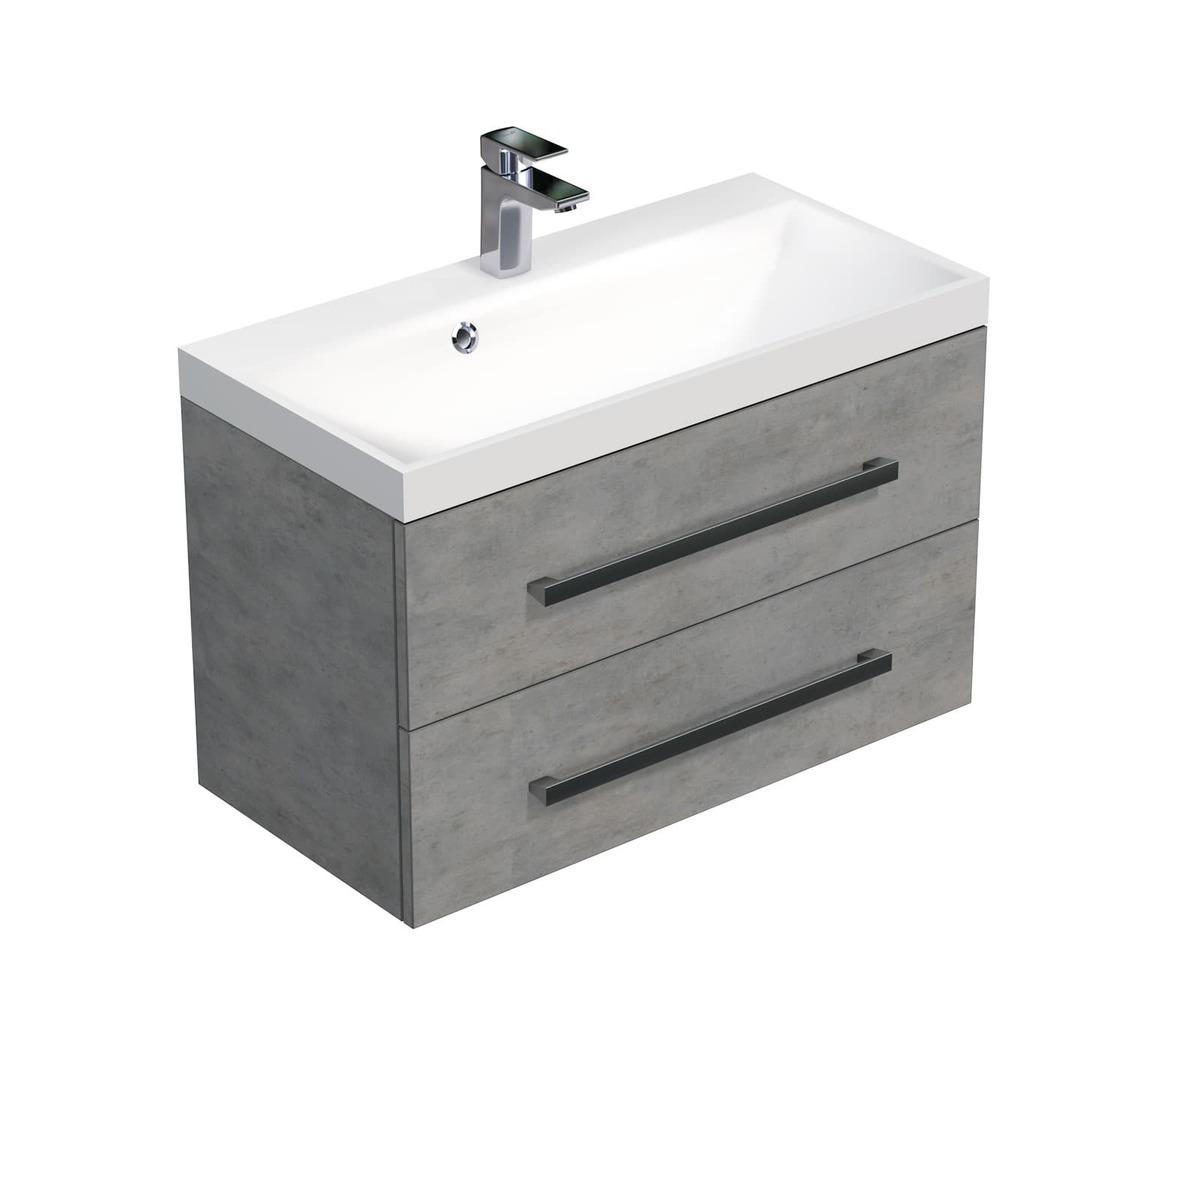 Koupelnová skříňka s umyvadlem Naturel Cube Way 80x53x40 cm beton CUBE280ZBE